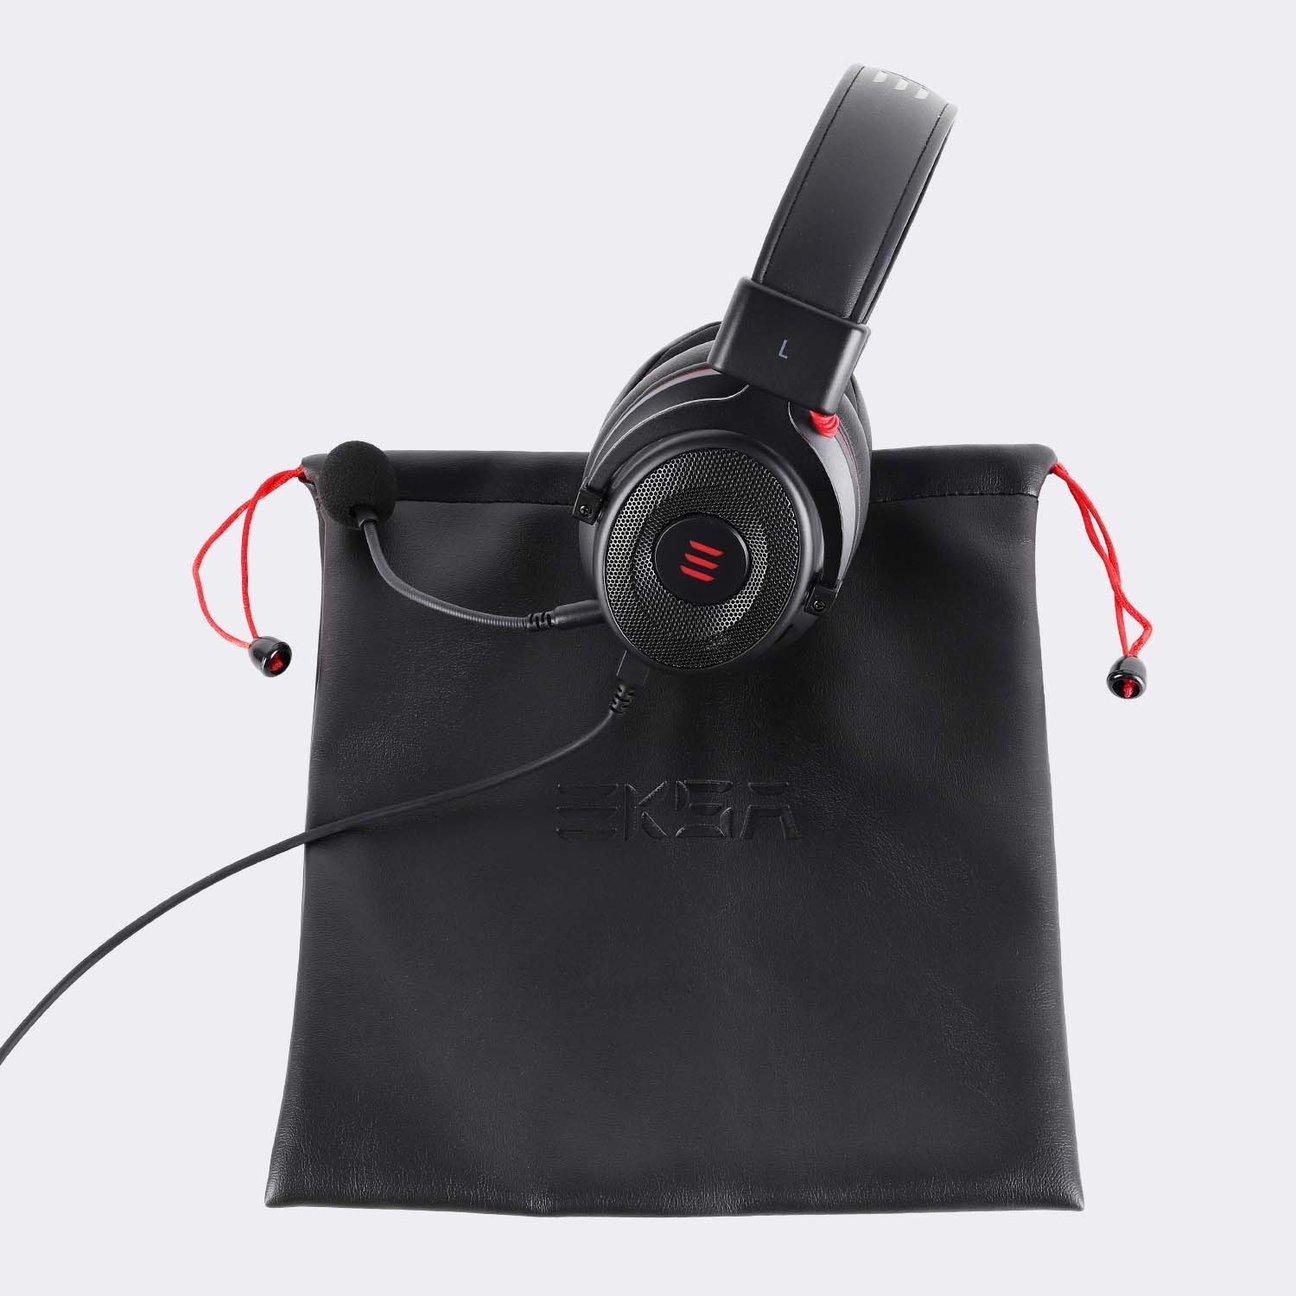 EKSA 900 Pro gaming headset